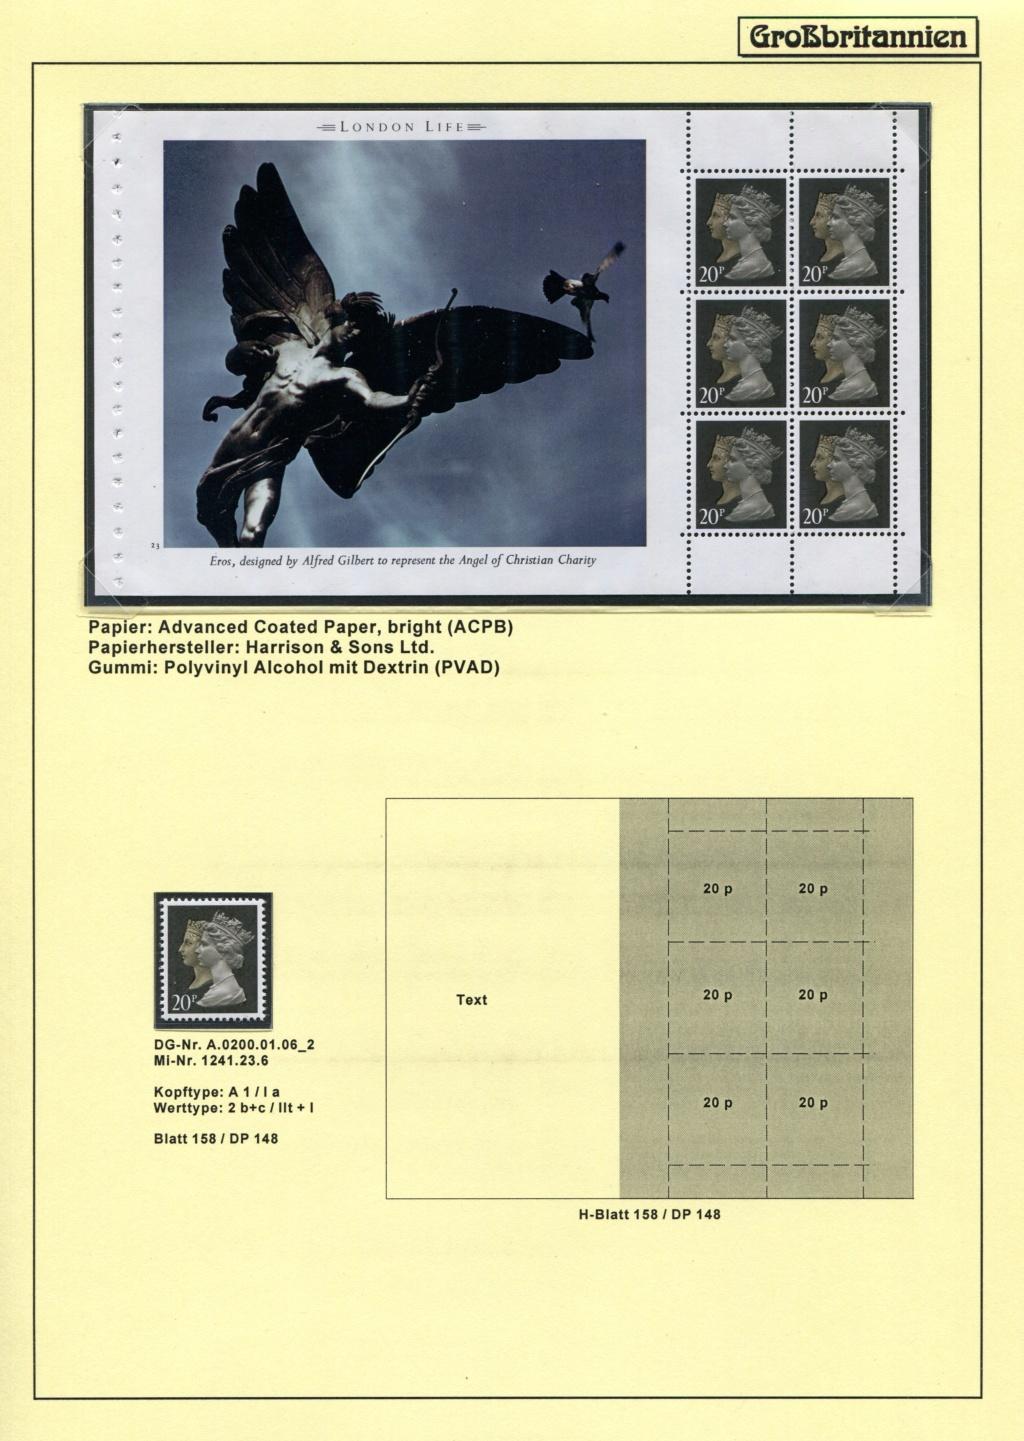 Großbritannien - 150 Jahre Briefmarken Black_36